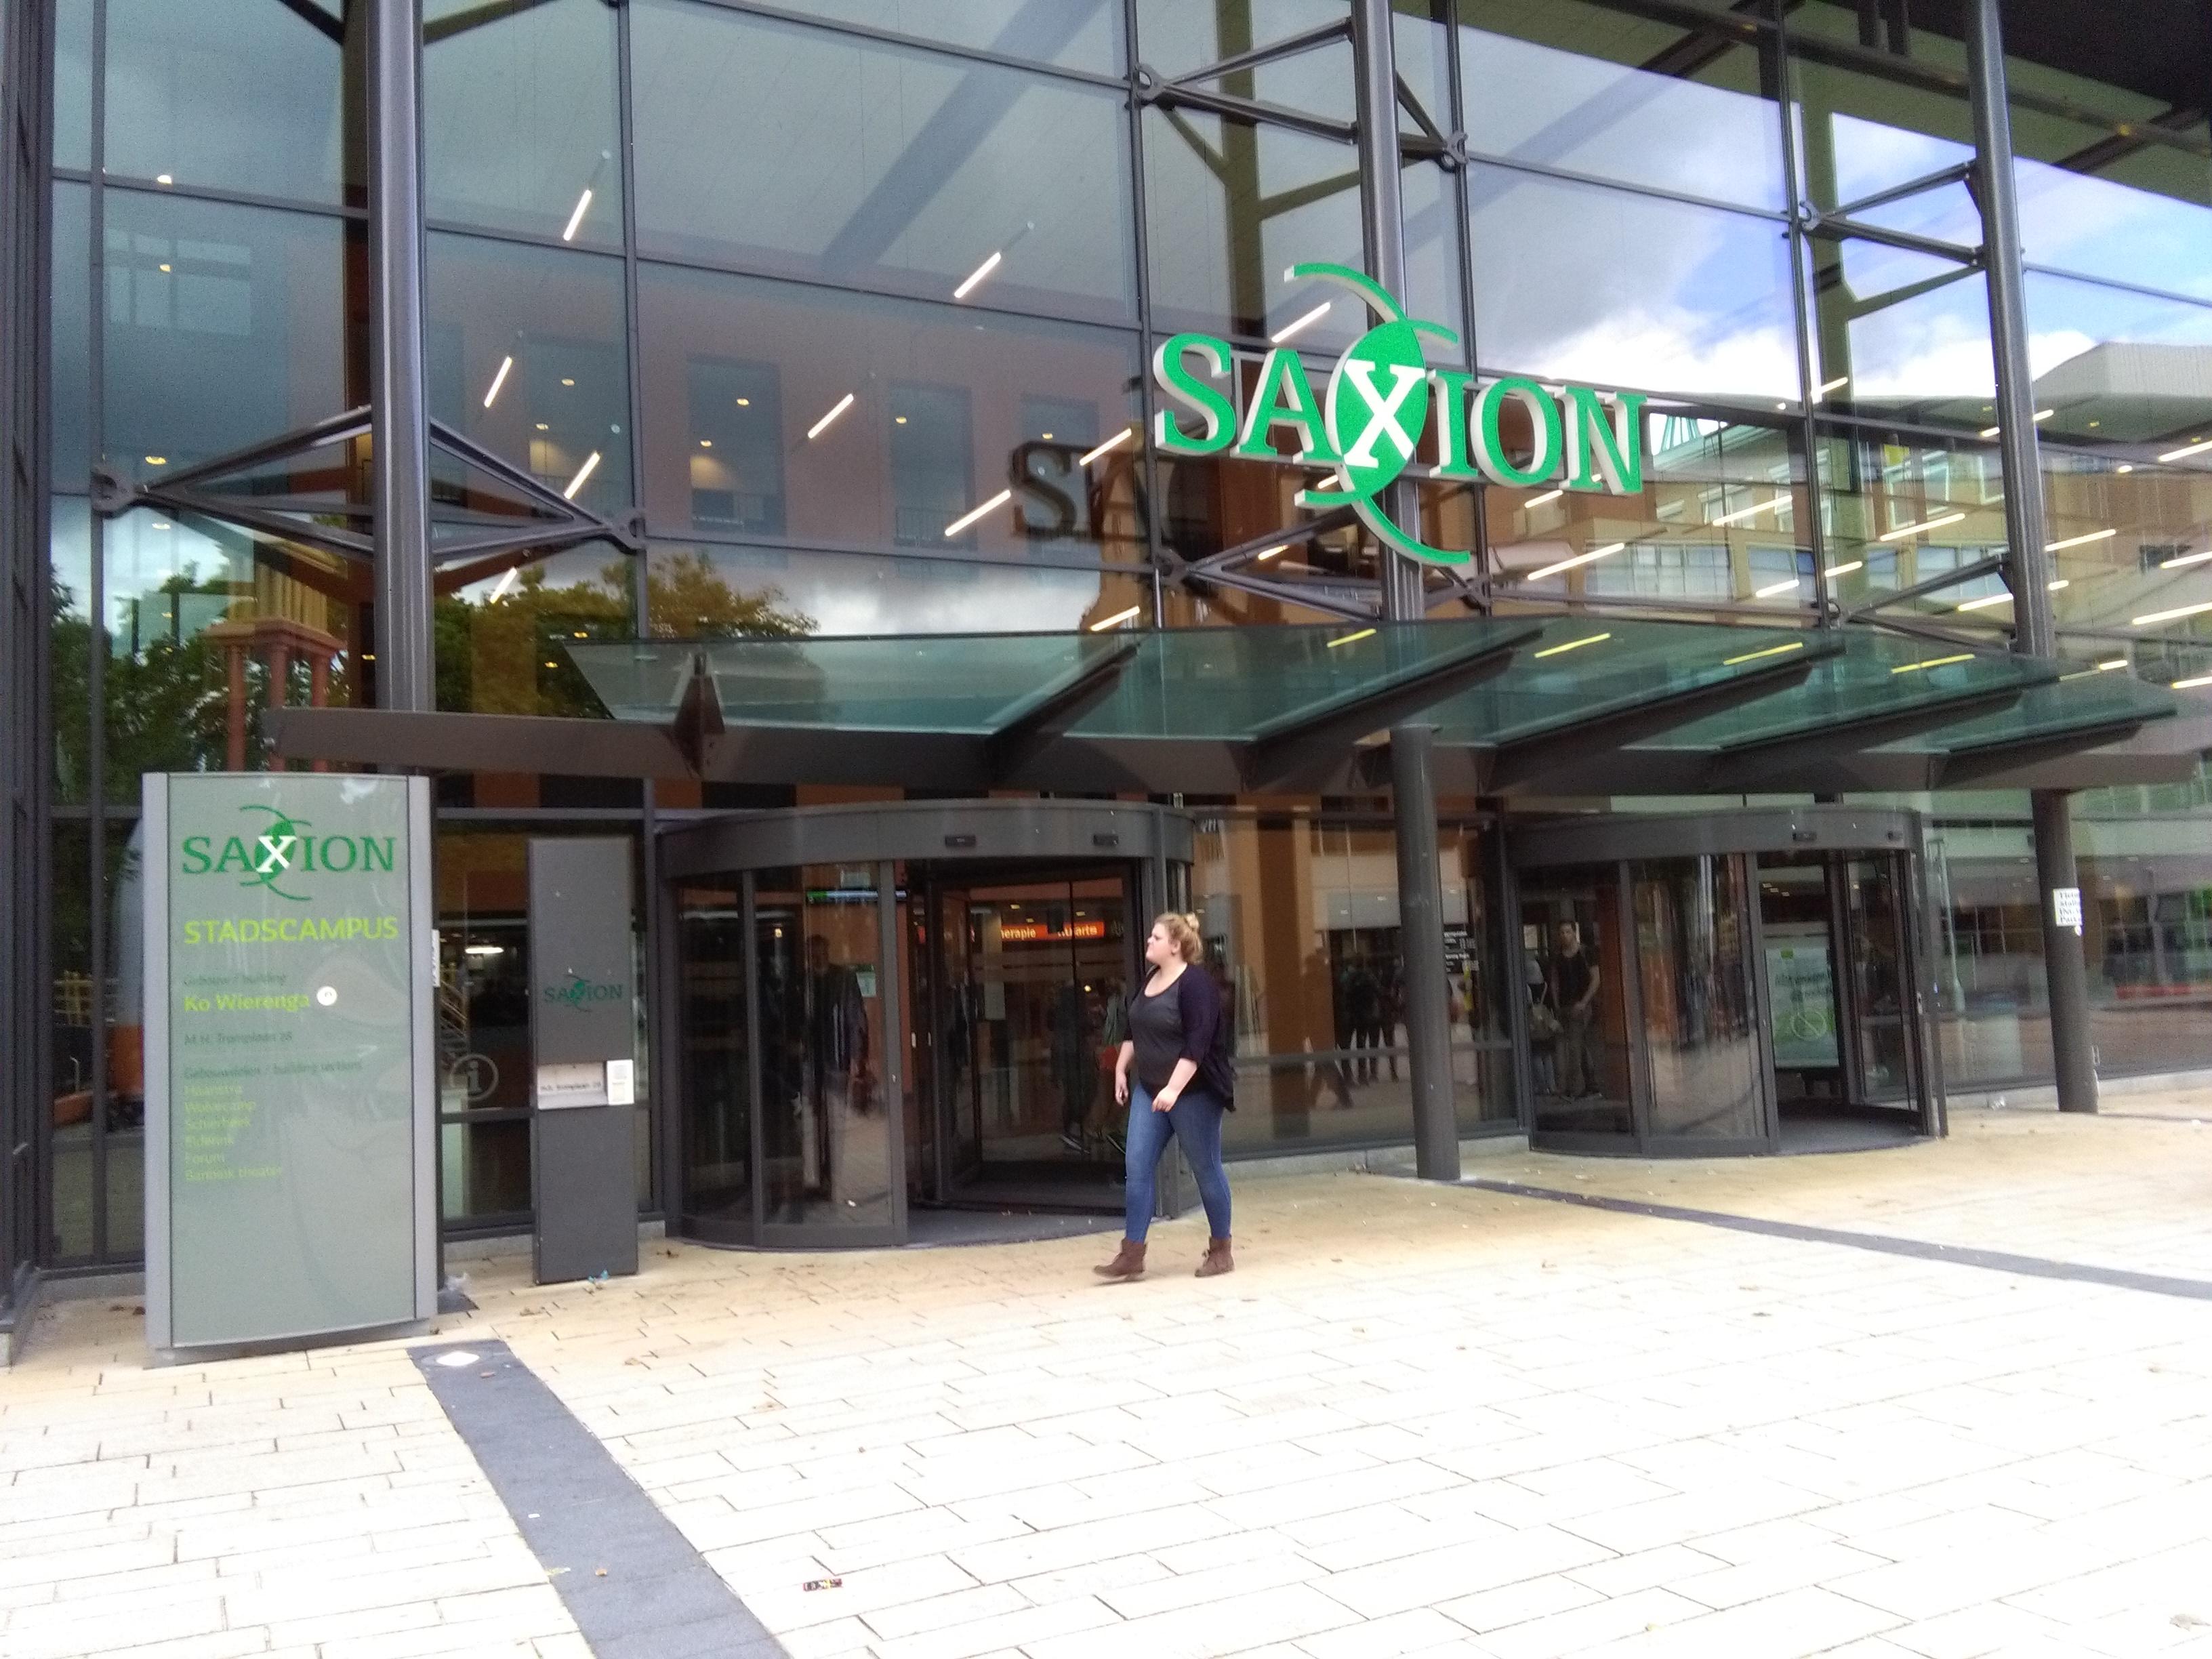 Saxion in Enschede